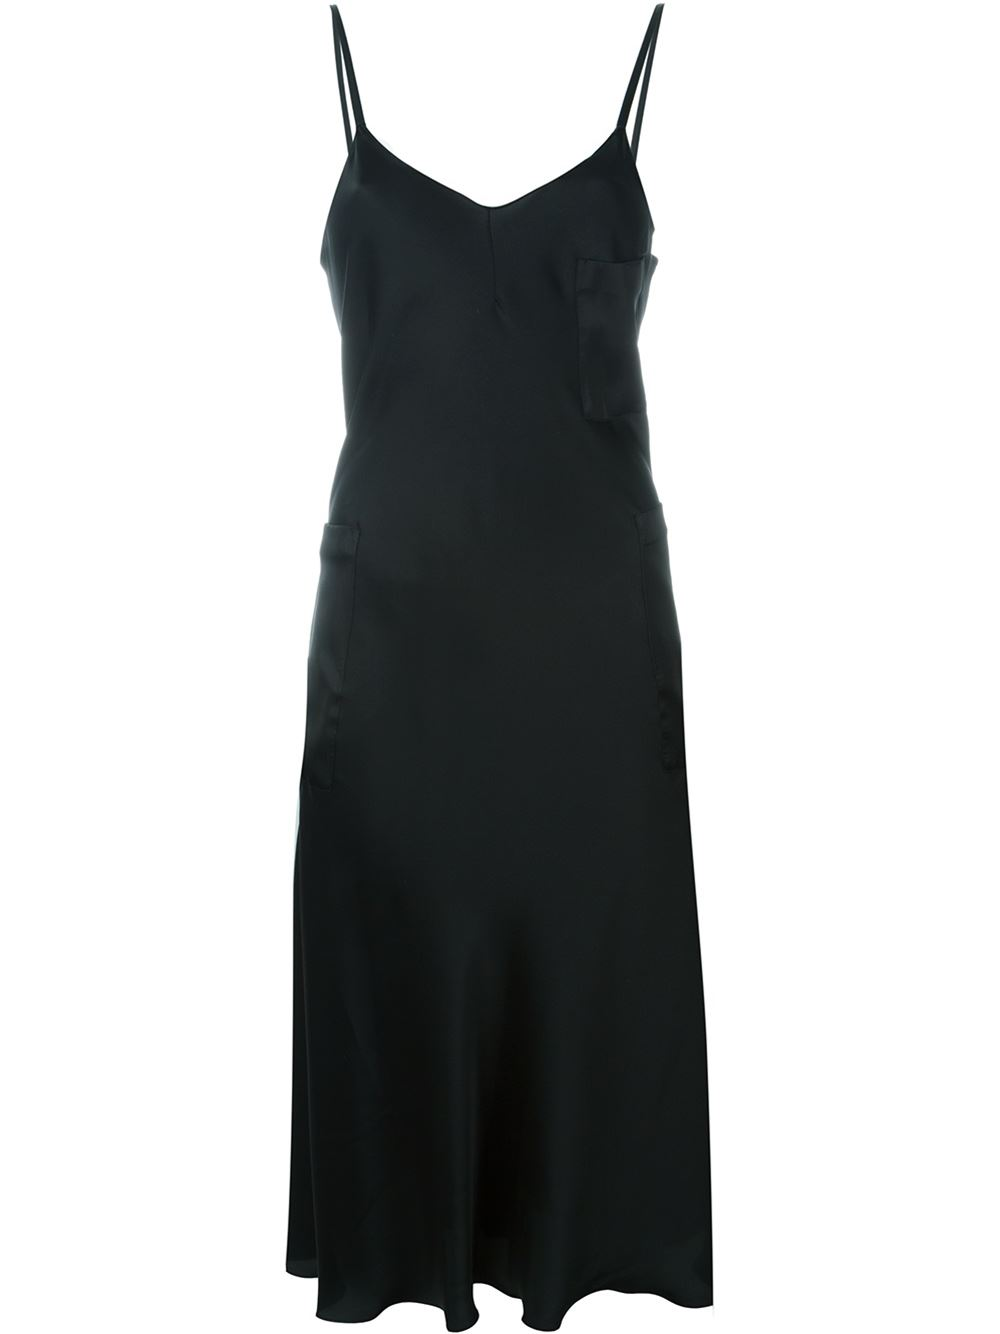 Mm6 Maison Margiela Slip Dress